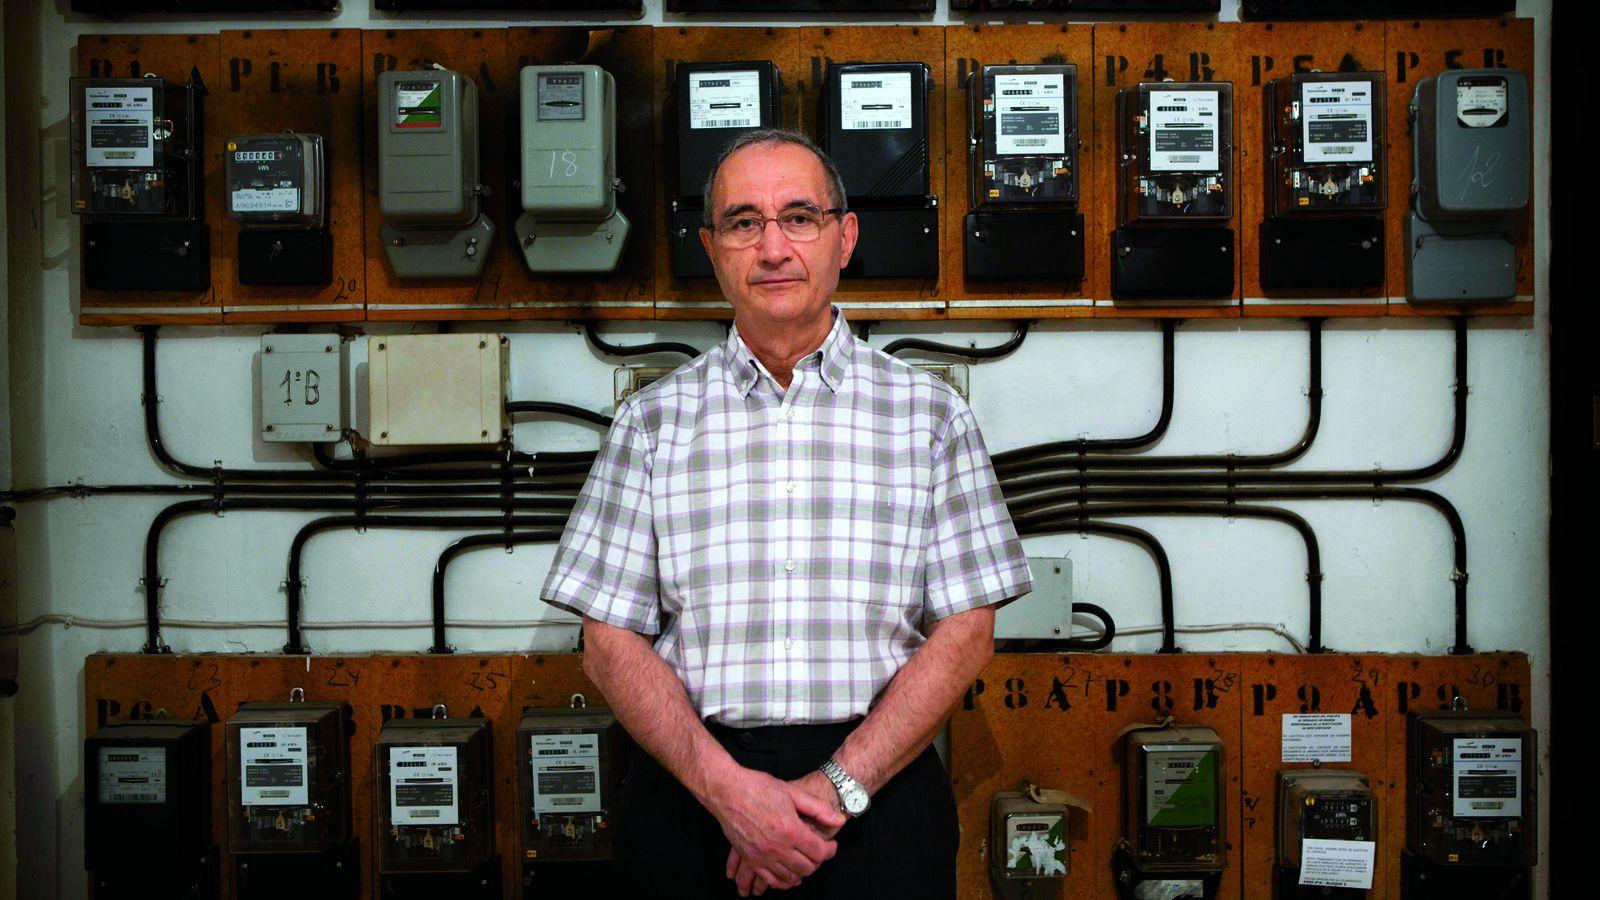 Entrevista al ingeniero sevillano Antonio Moreno Alfaro, que hace temblar a las compañías eléctricas